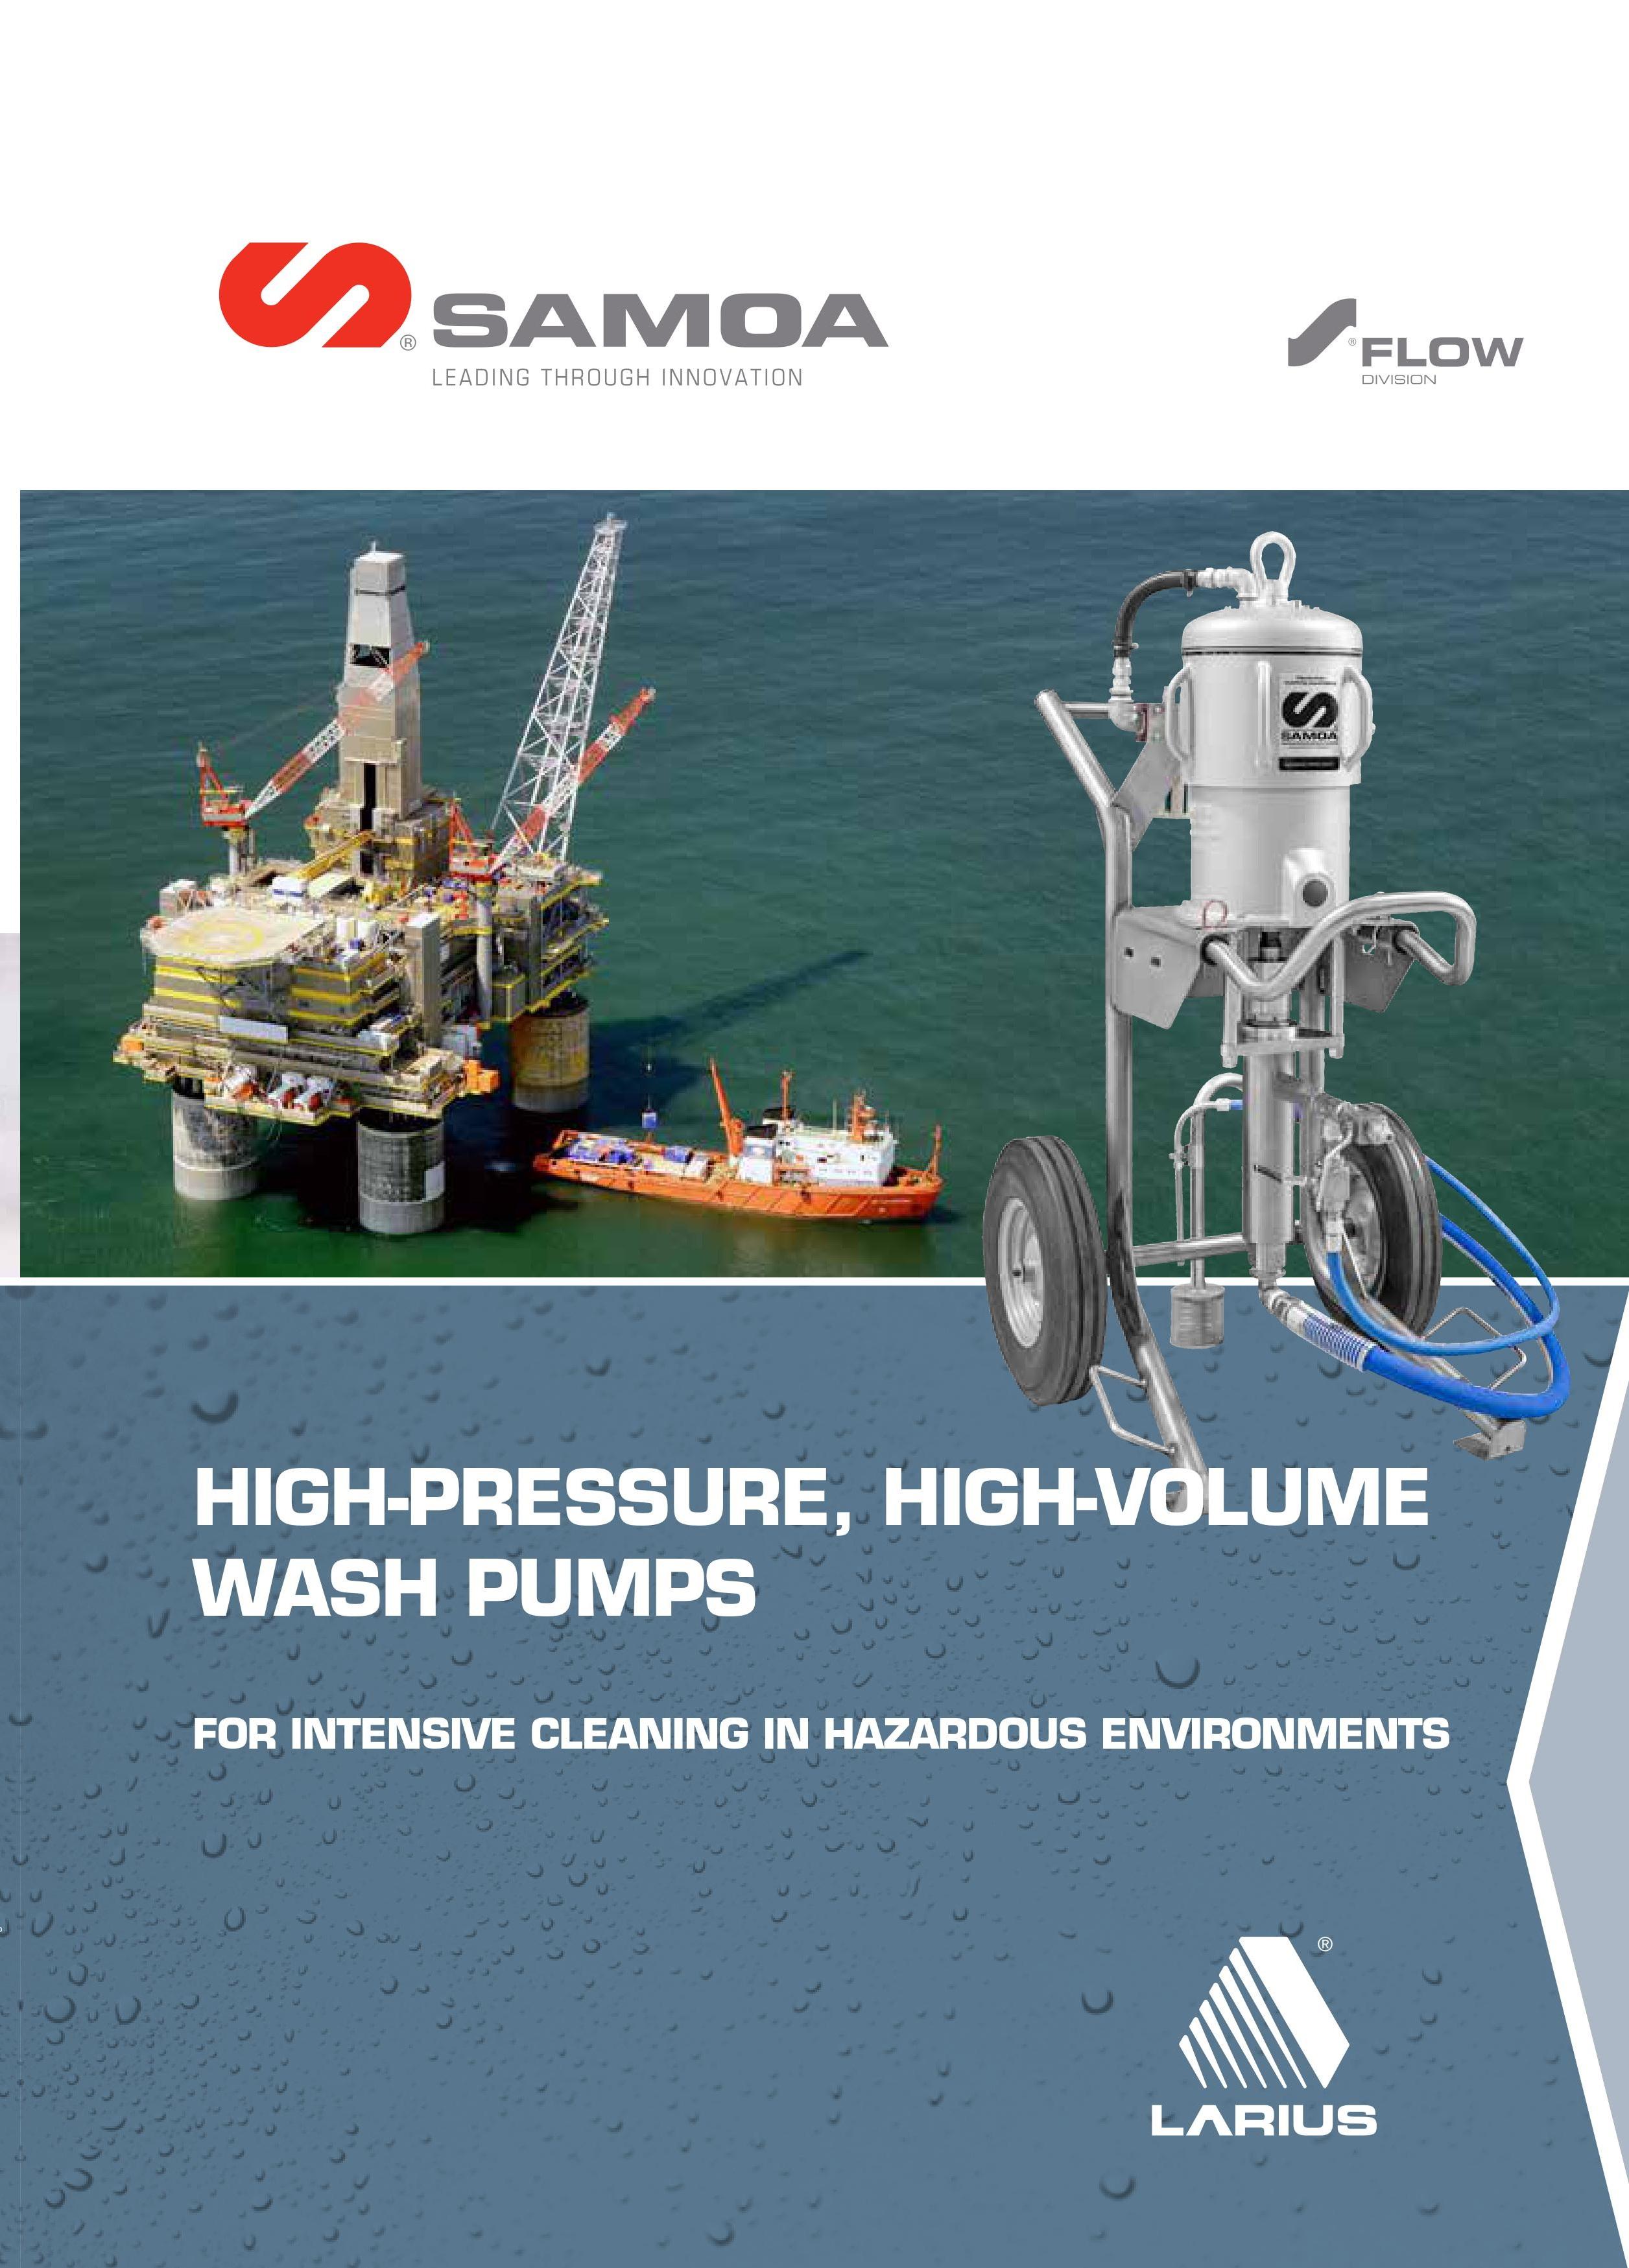 SAMOA Larius Aquablast Hydrocleaners & Pressure Washer Brochure